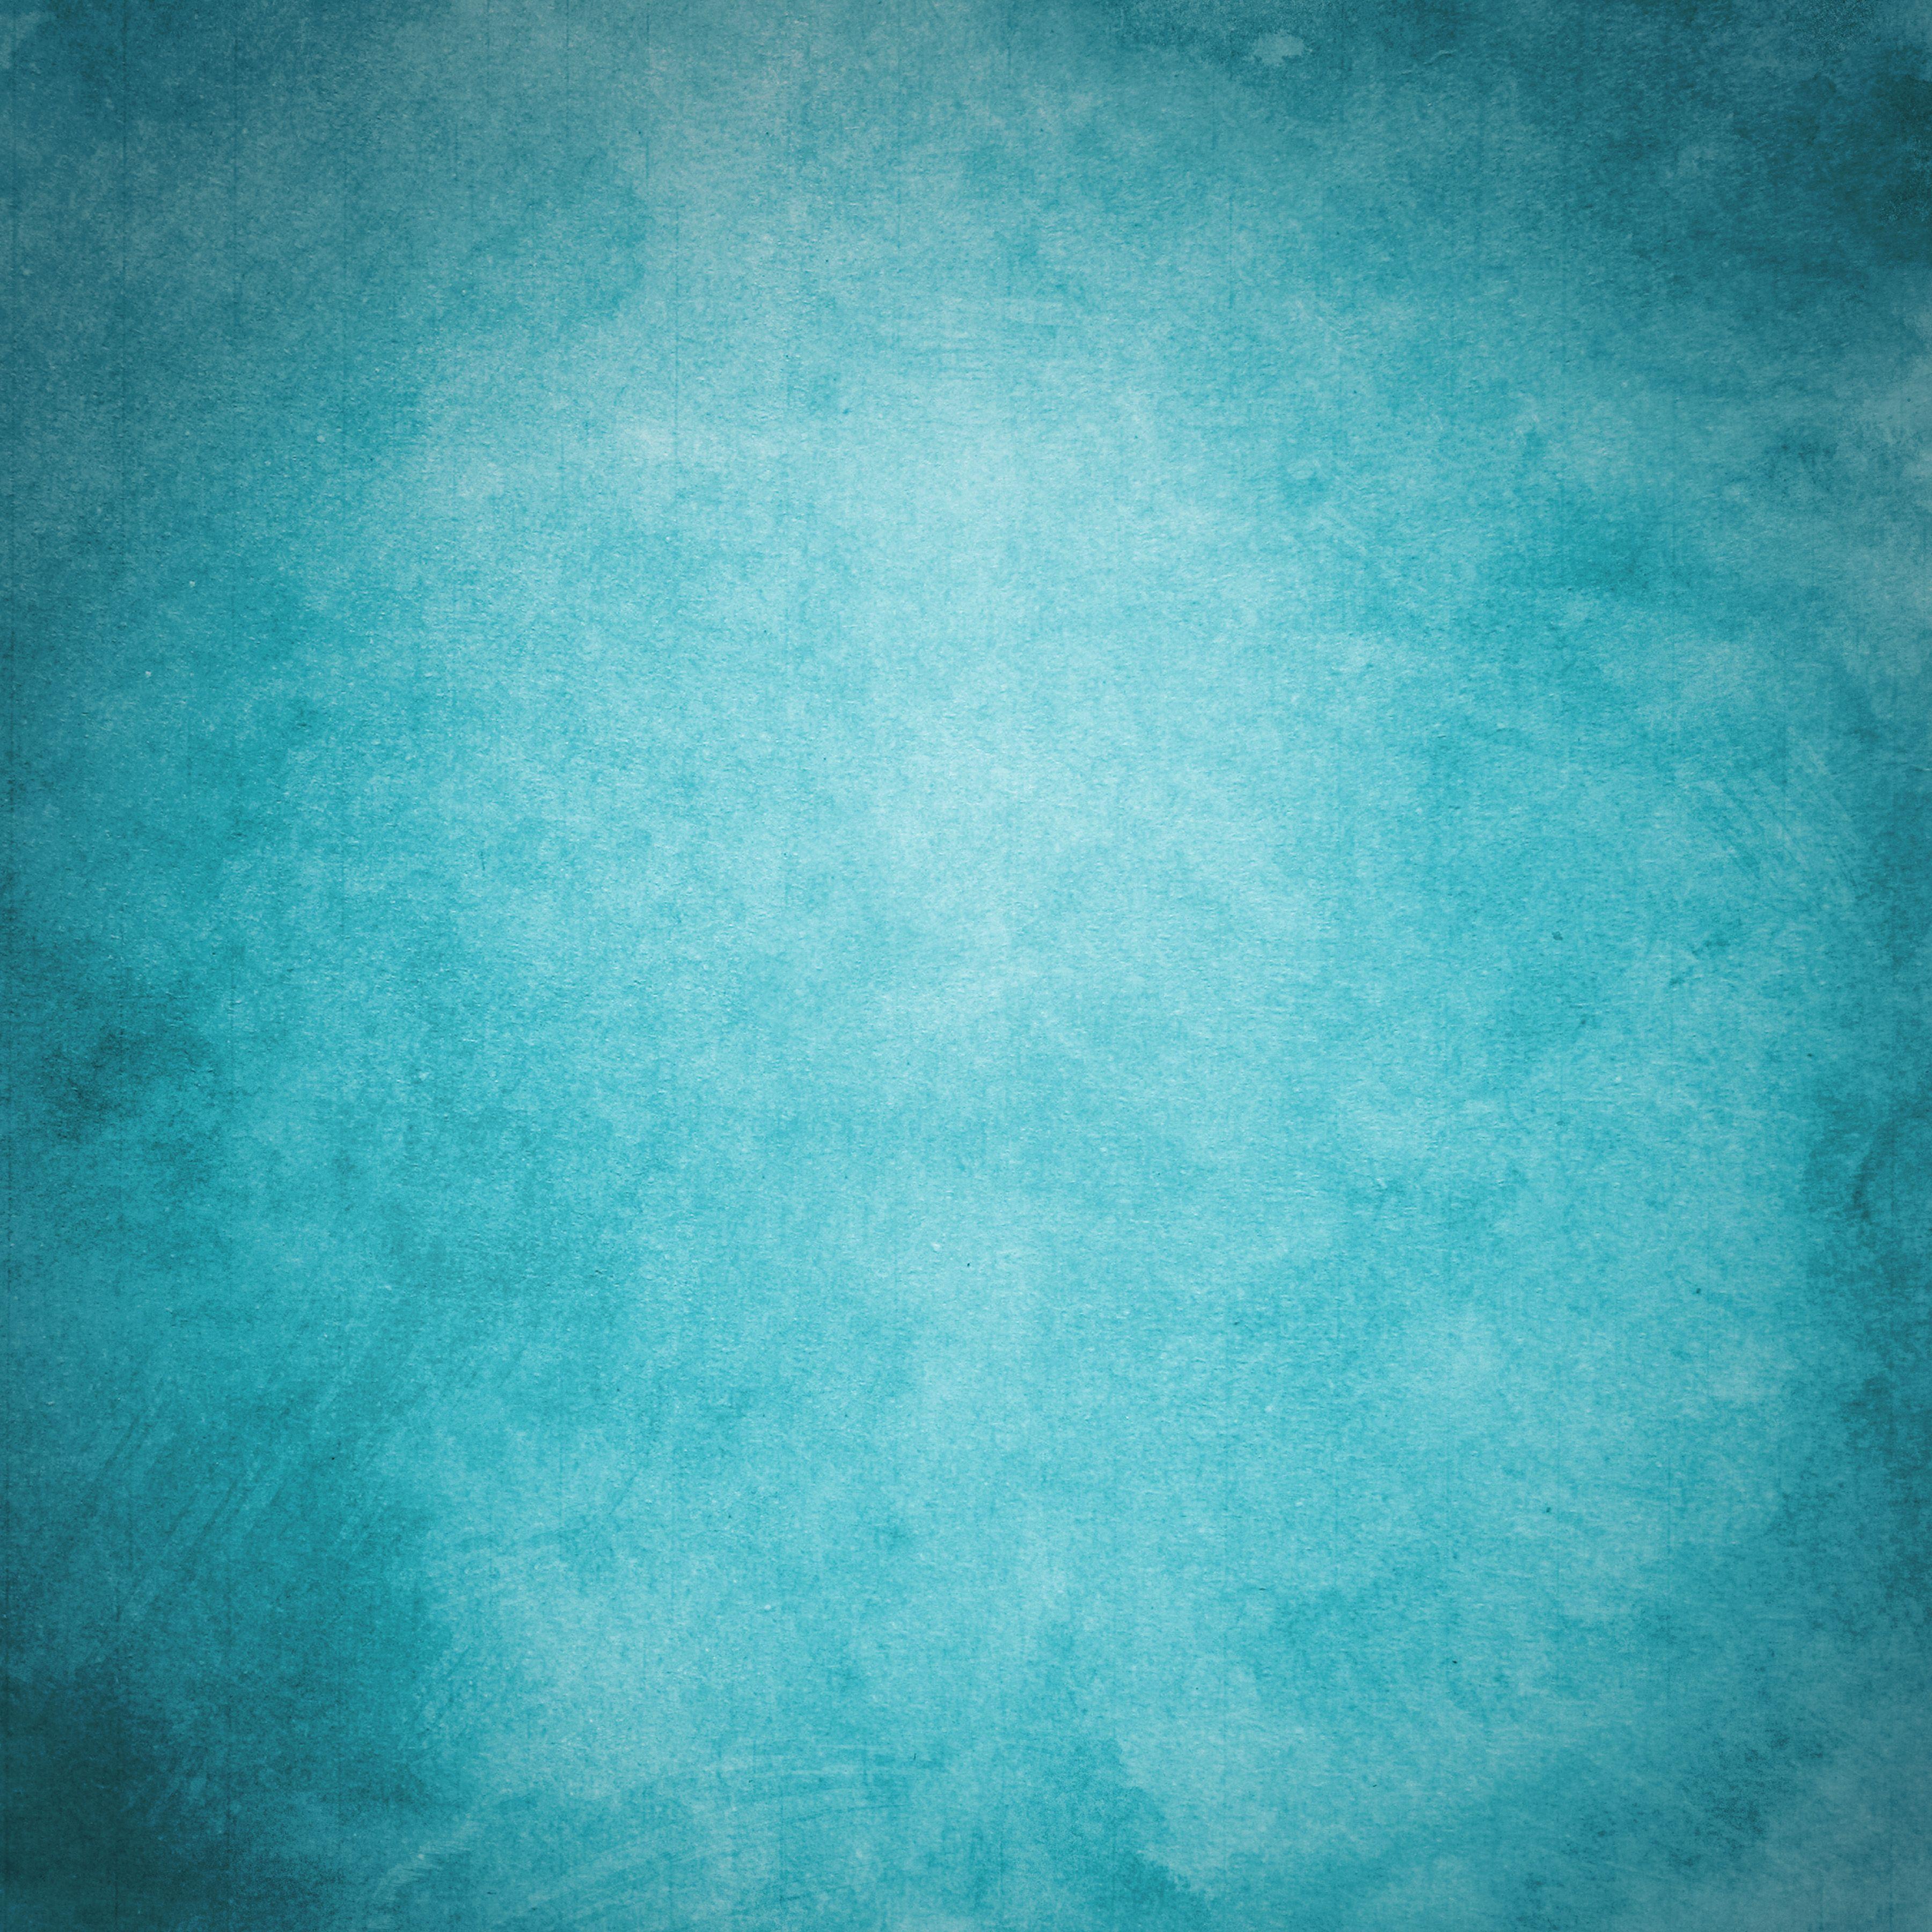 Paper Colored Vintage Paper Texture 02 Blue Vintage Paper Textures Blue Paper Texture Paper Texture